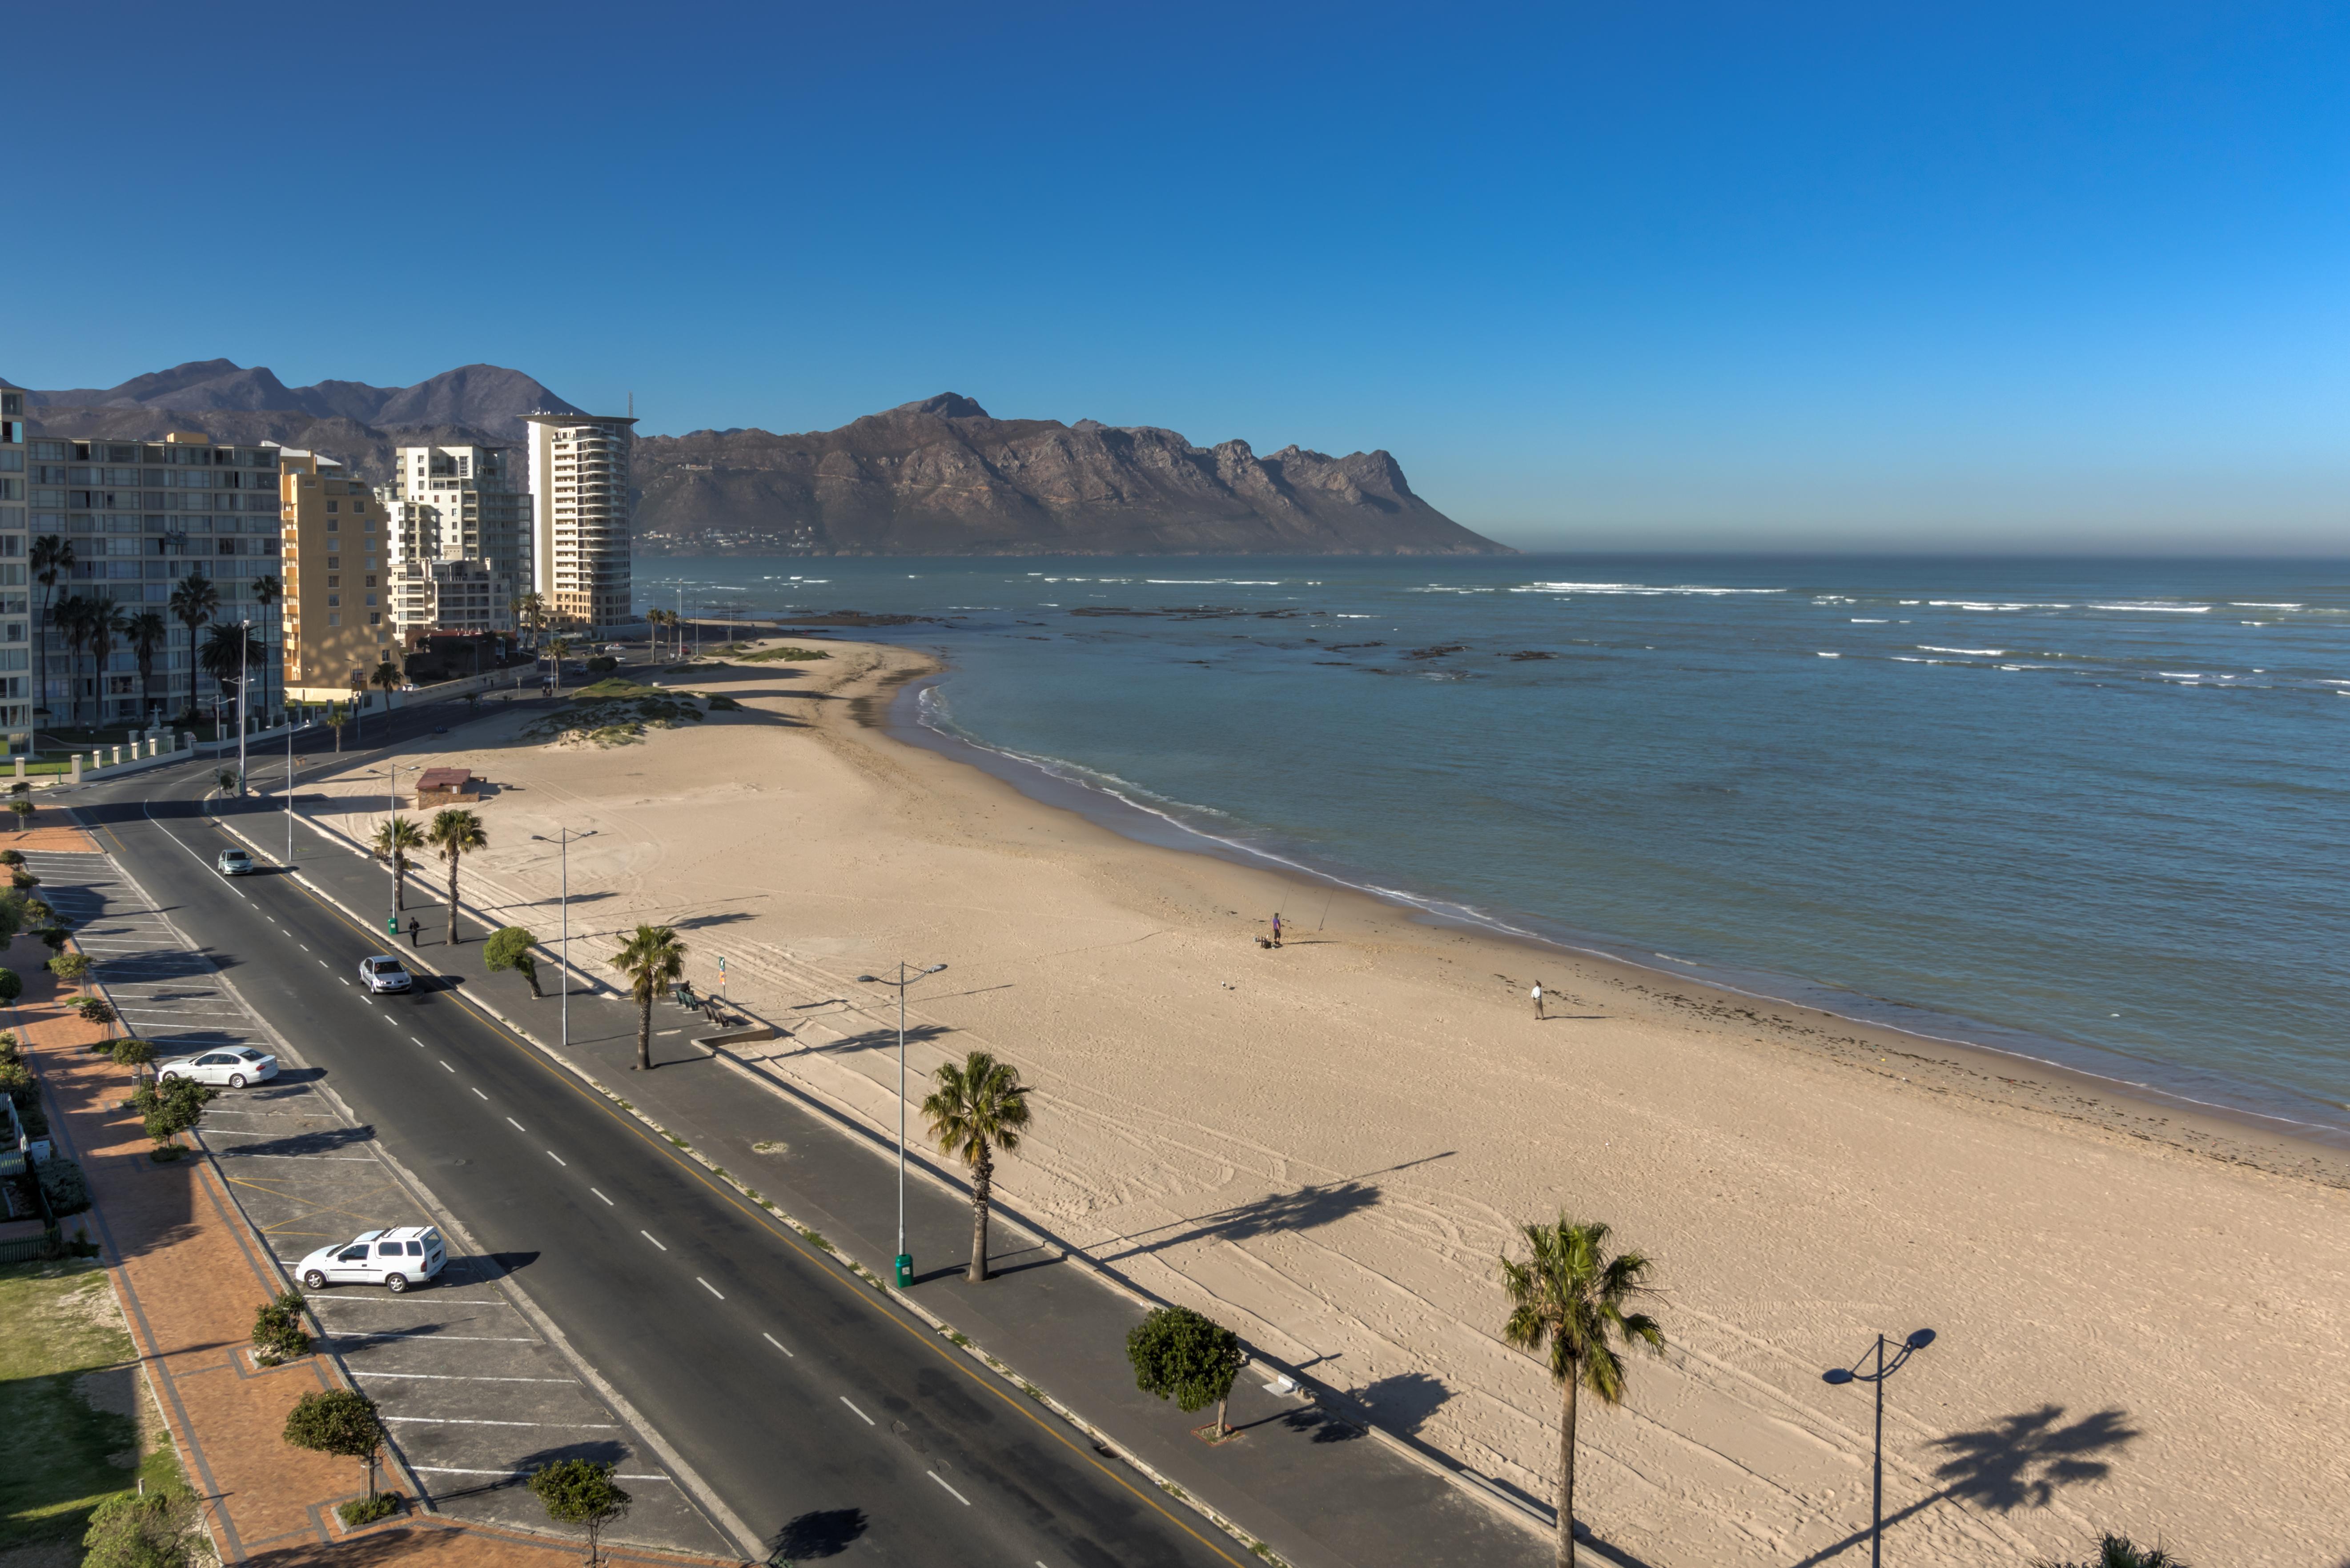 Odeon Beach Break In Strand Western Cape South Africa